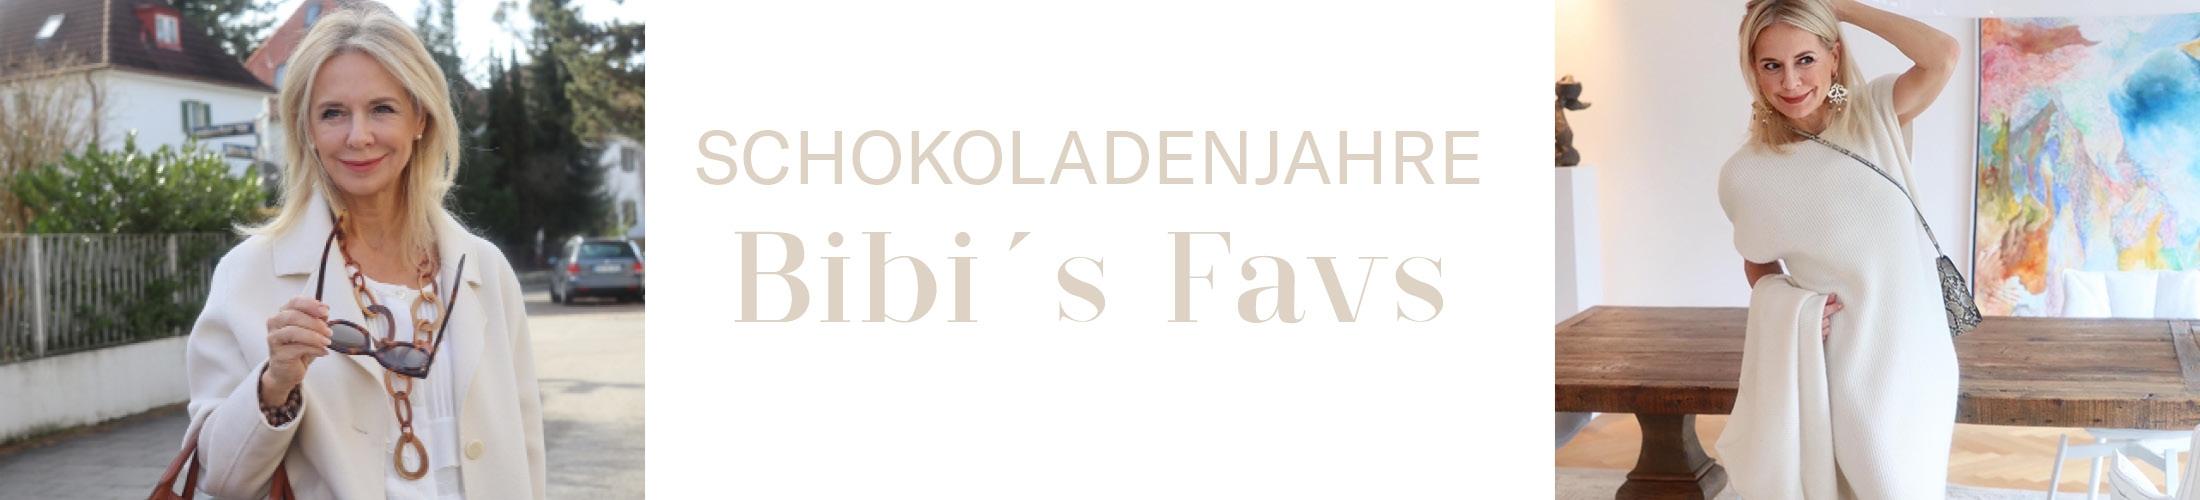 Schokoladenjahre by Bibi Horst